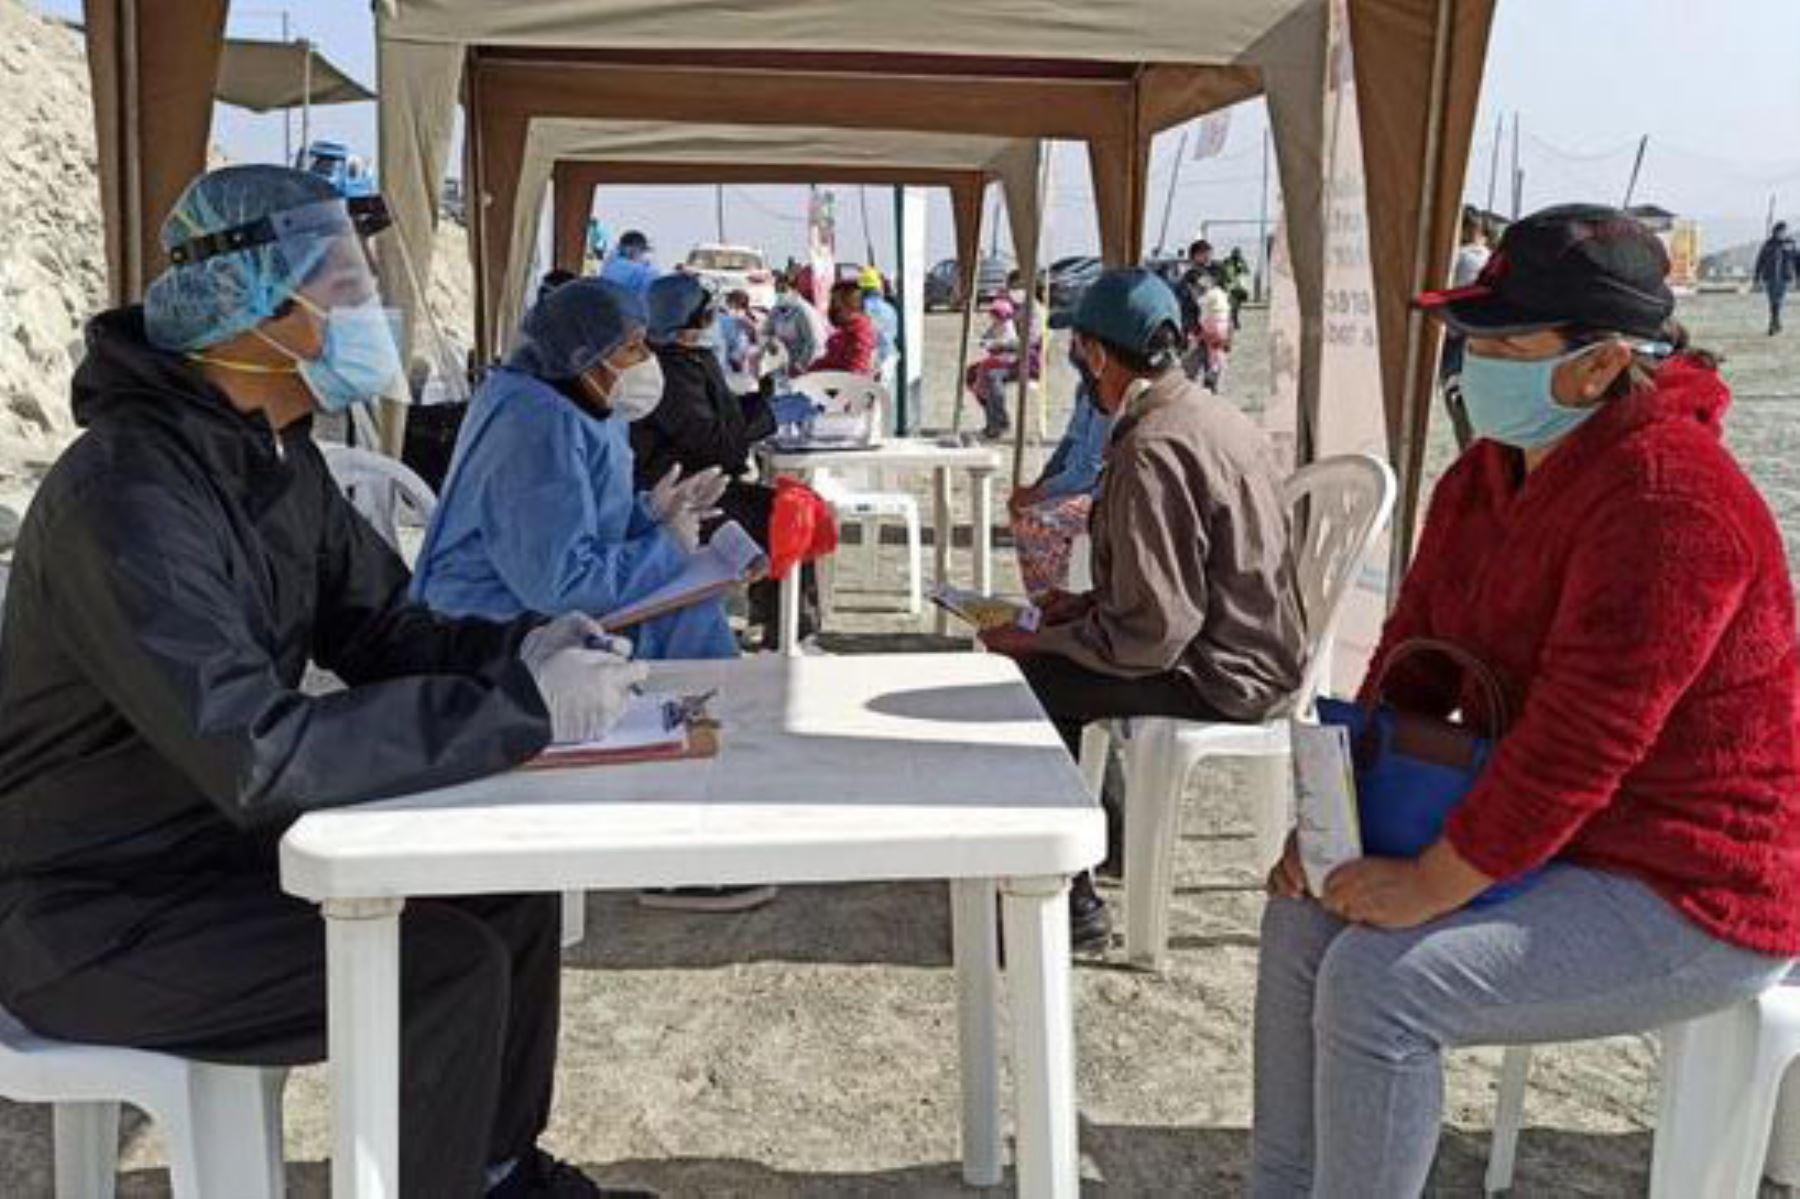 La Dirección de Redes Integradas de Salud (DIRIS) Lima Sur ha diseñado jornadas de salud integral con énfasis en la salud mental y vacunación, en el marco de la reactivación de los servicios de salud del primer nivel de atención. ANDINA/Minsa